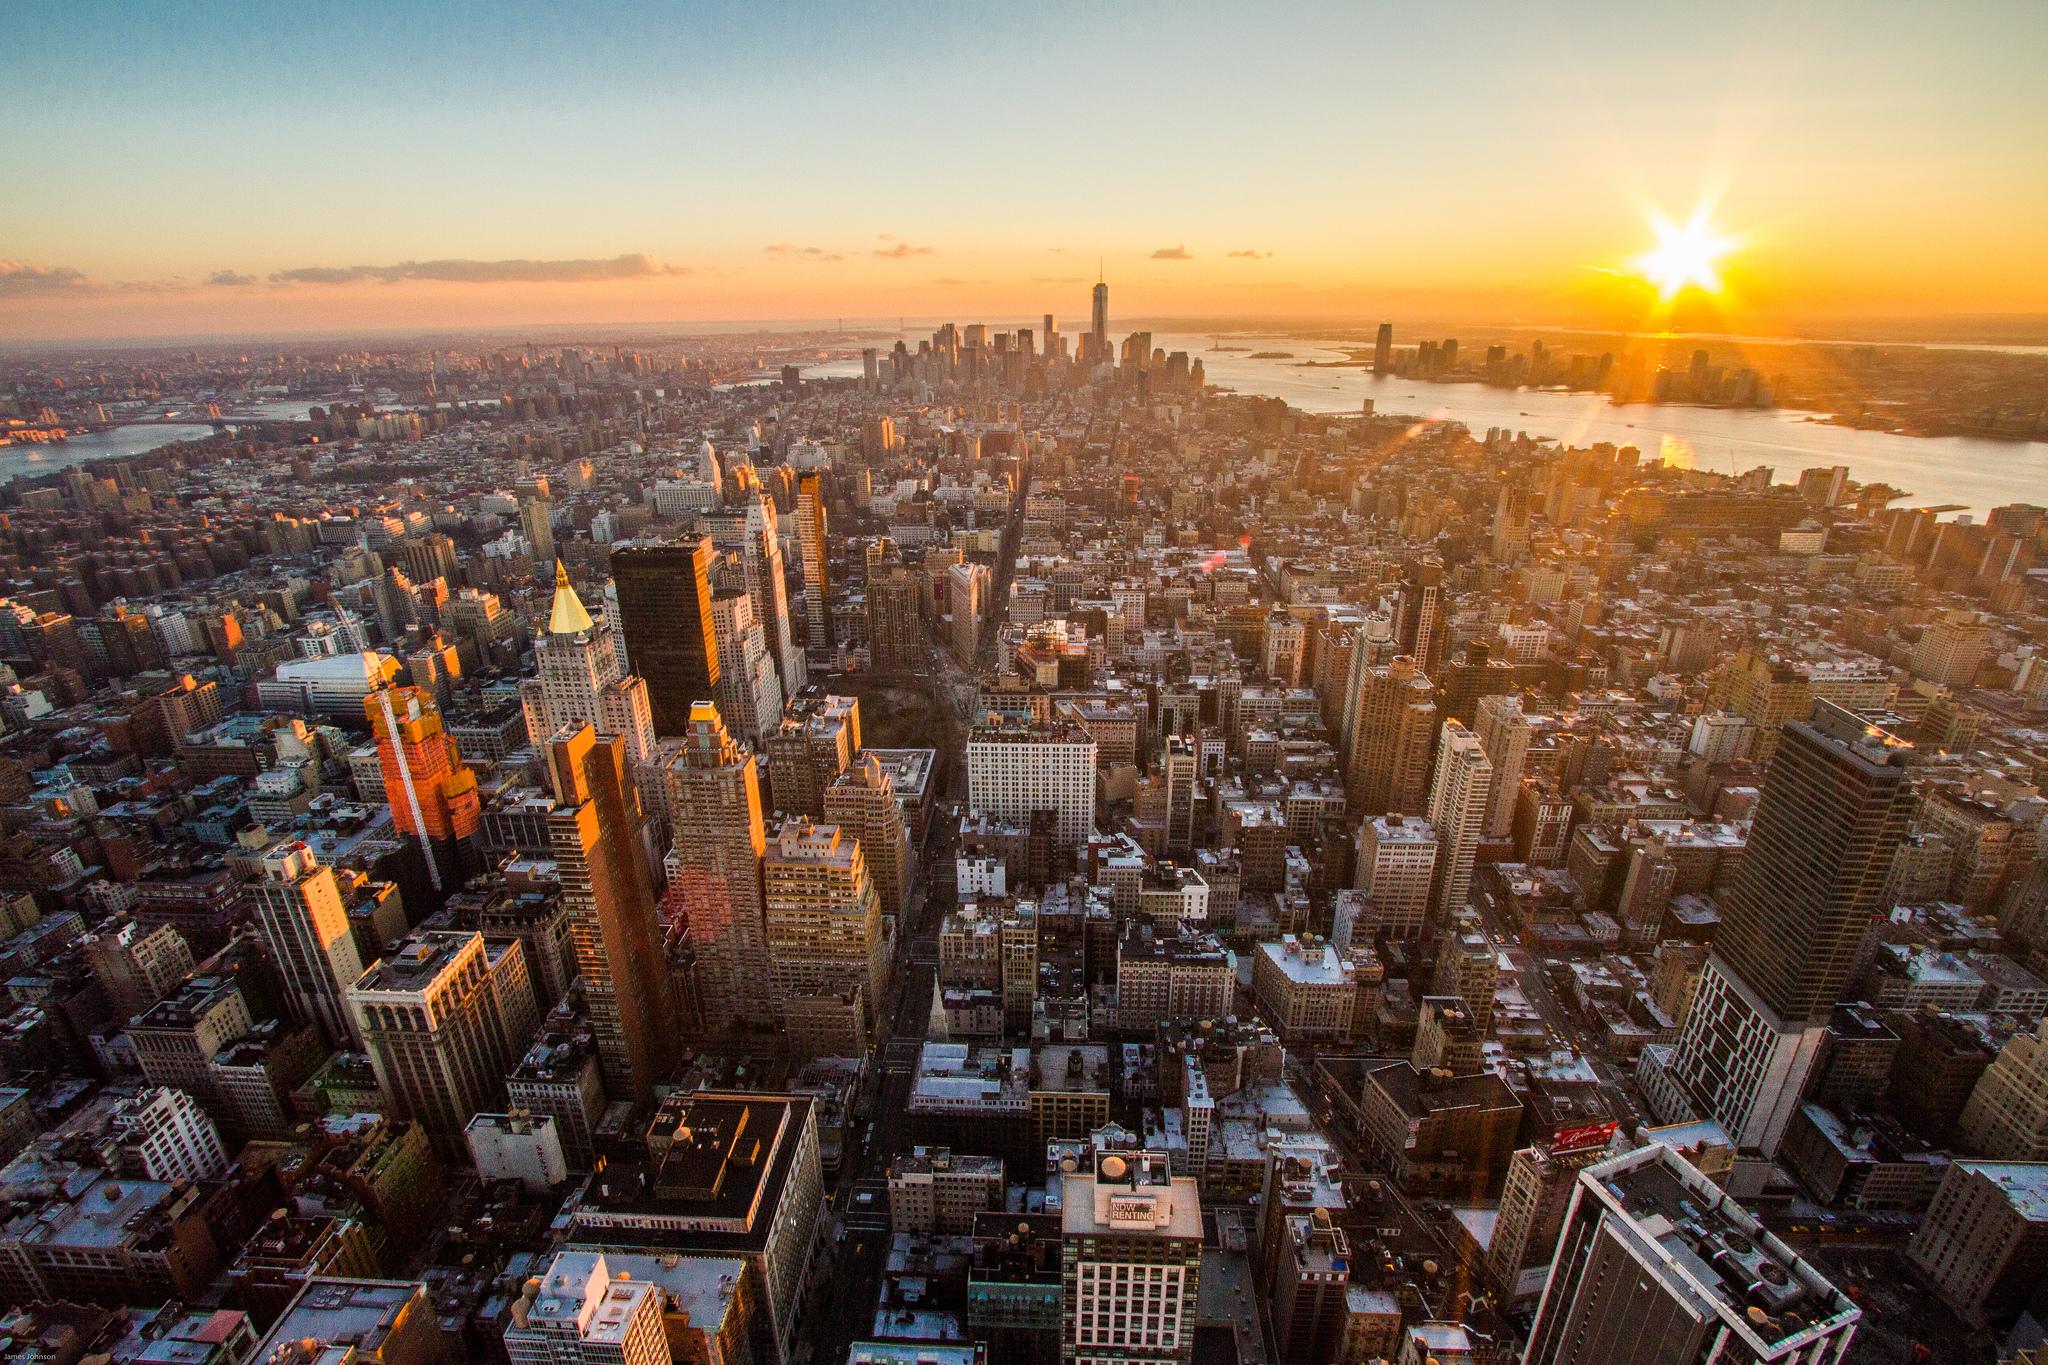 A quelle heure visiter l 39 empire state building new york - Quelle heure se couche le soleil ...